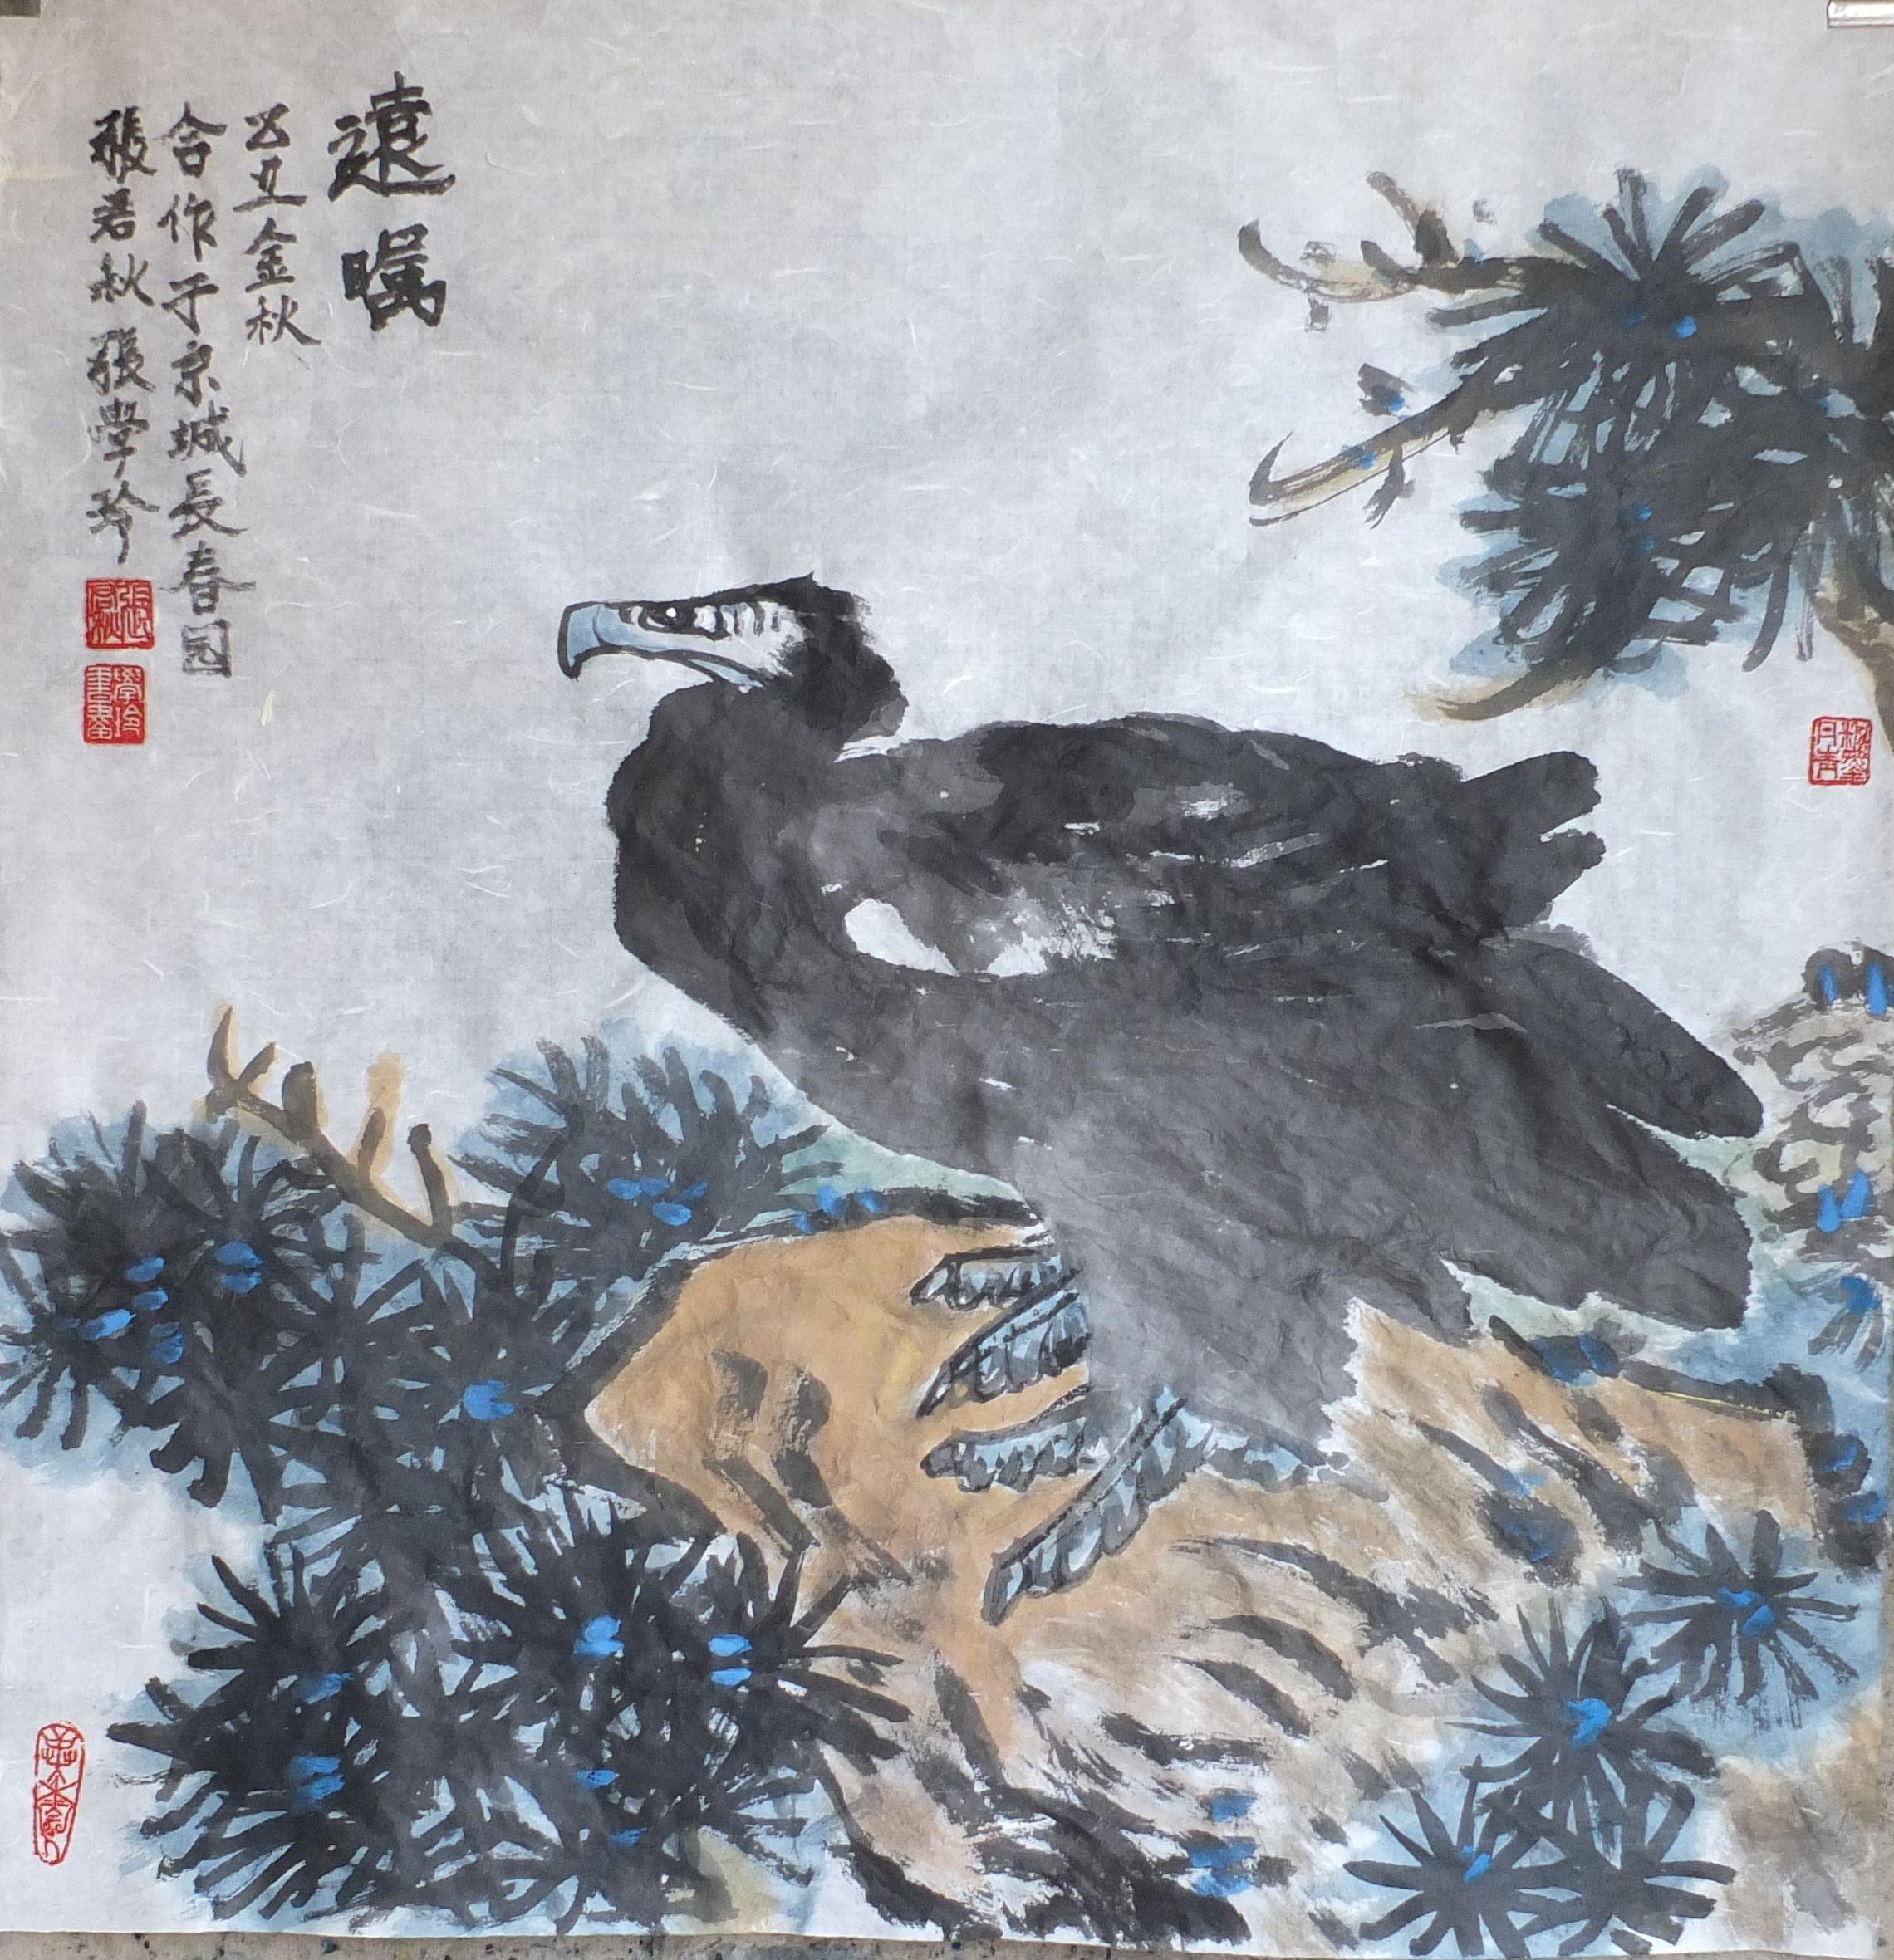 中国梦翰墨情 北京画家张学玲个人专题报道.图片